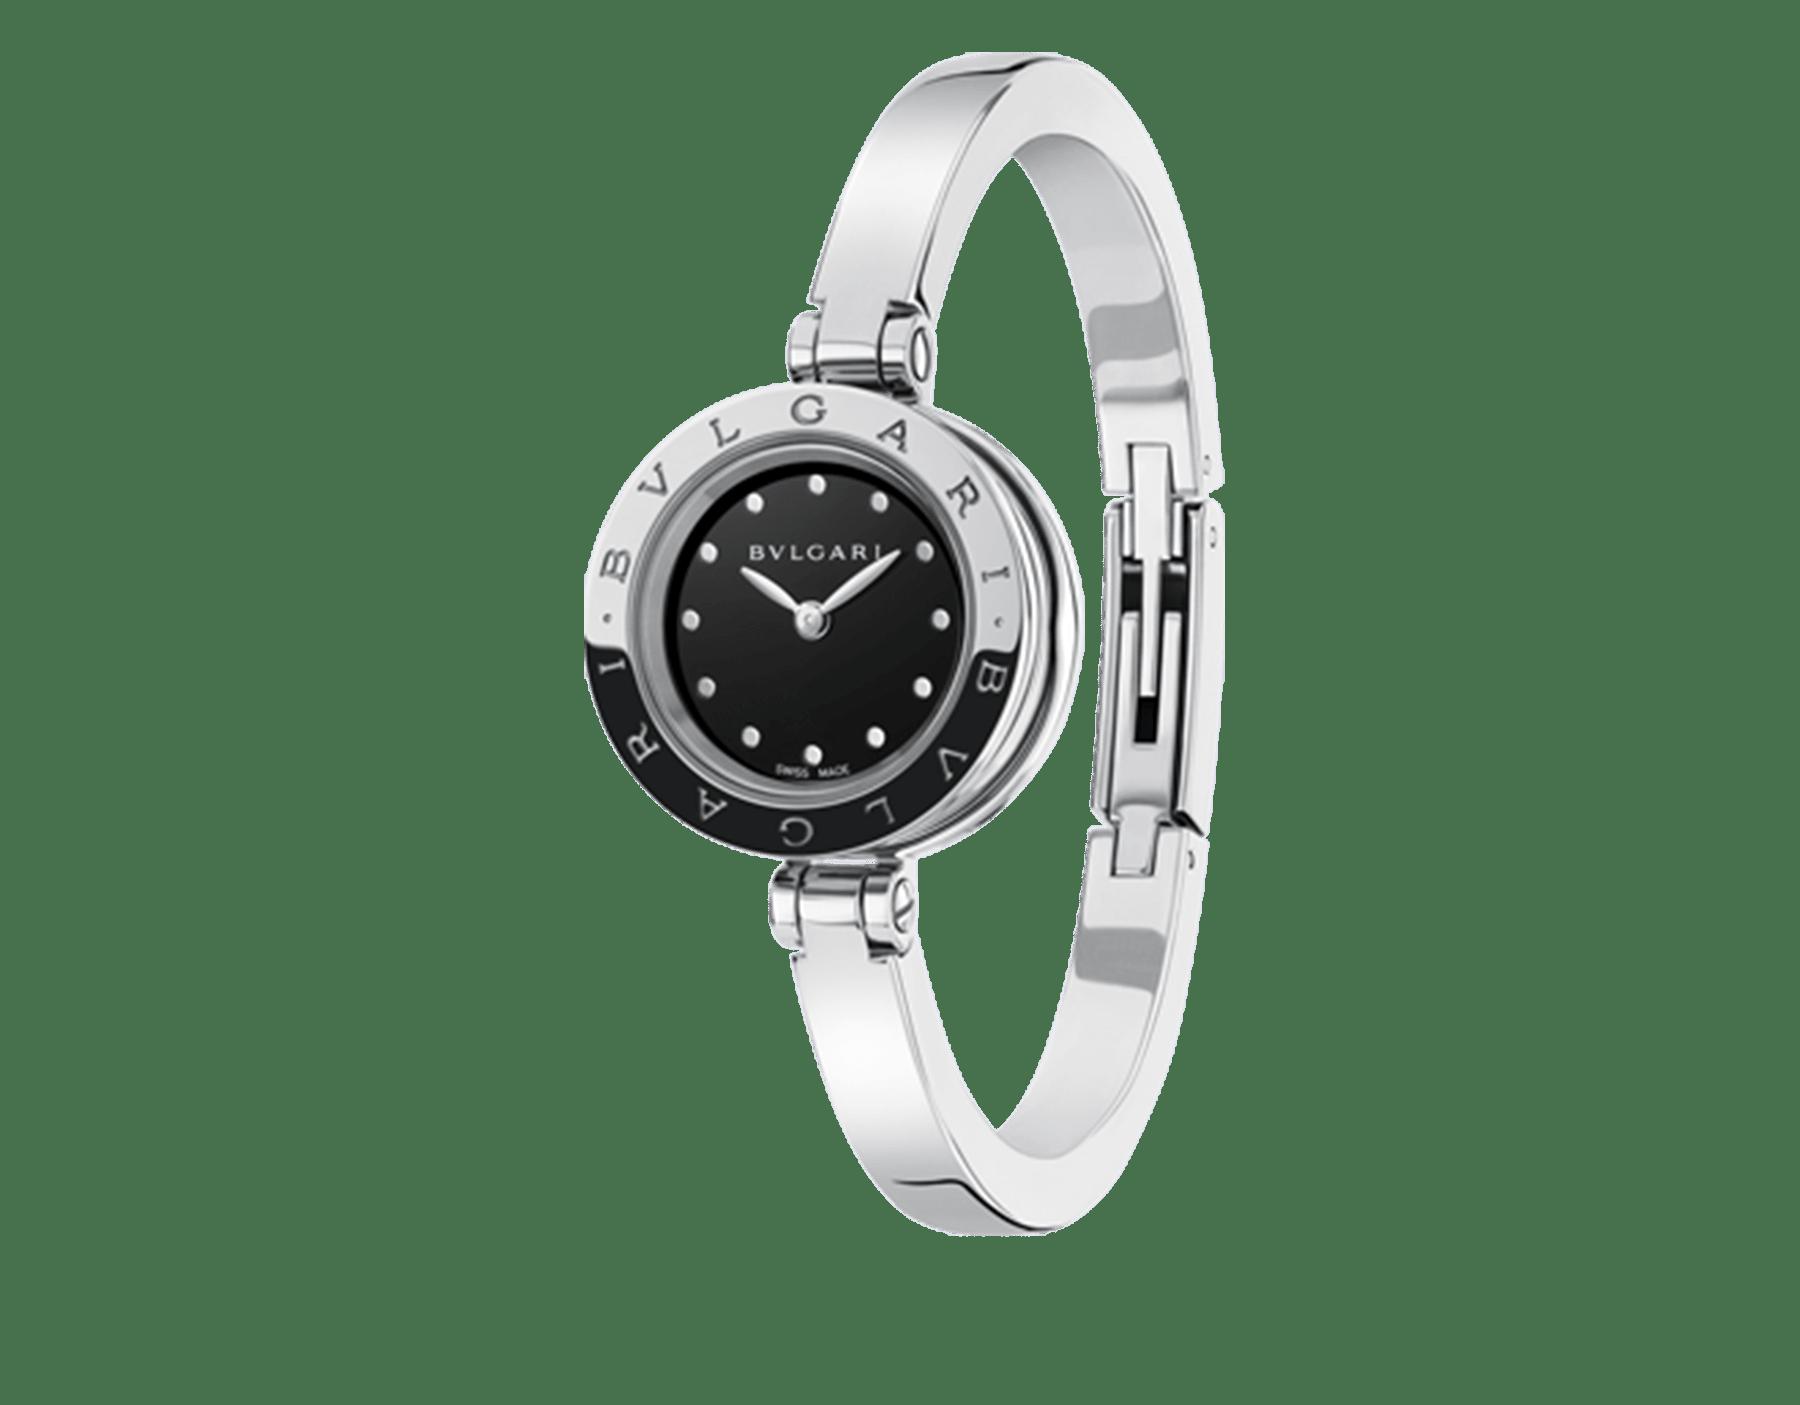 B.zero1 Uhr mit Gehäuse und Armreif aus Edelstahl sowie einem schwarz lackierten Zifferblatt. Mittelgroßes Modell 102319 image 1